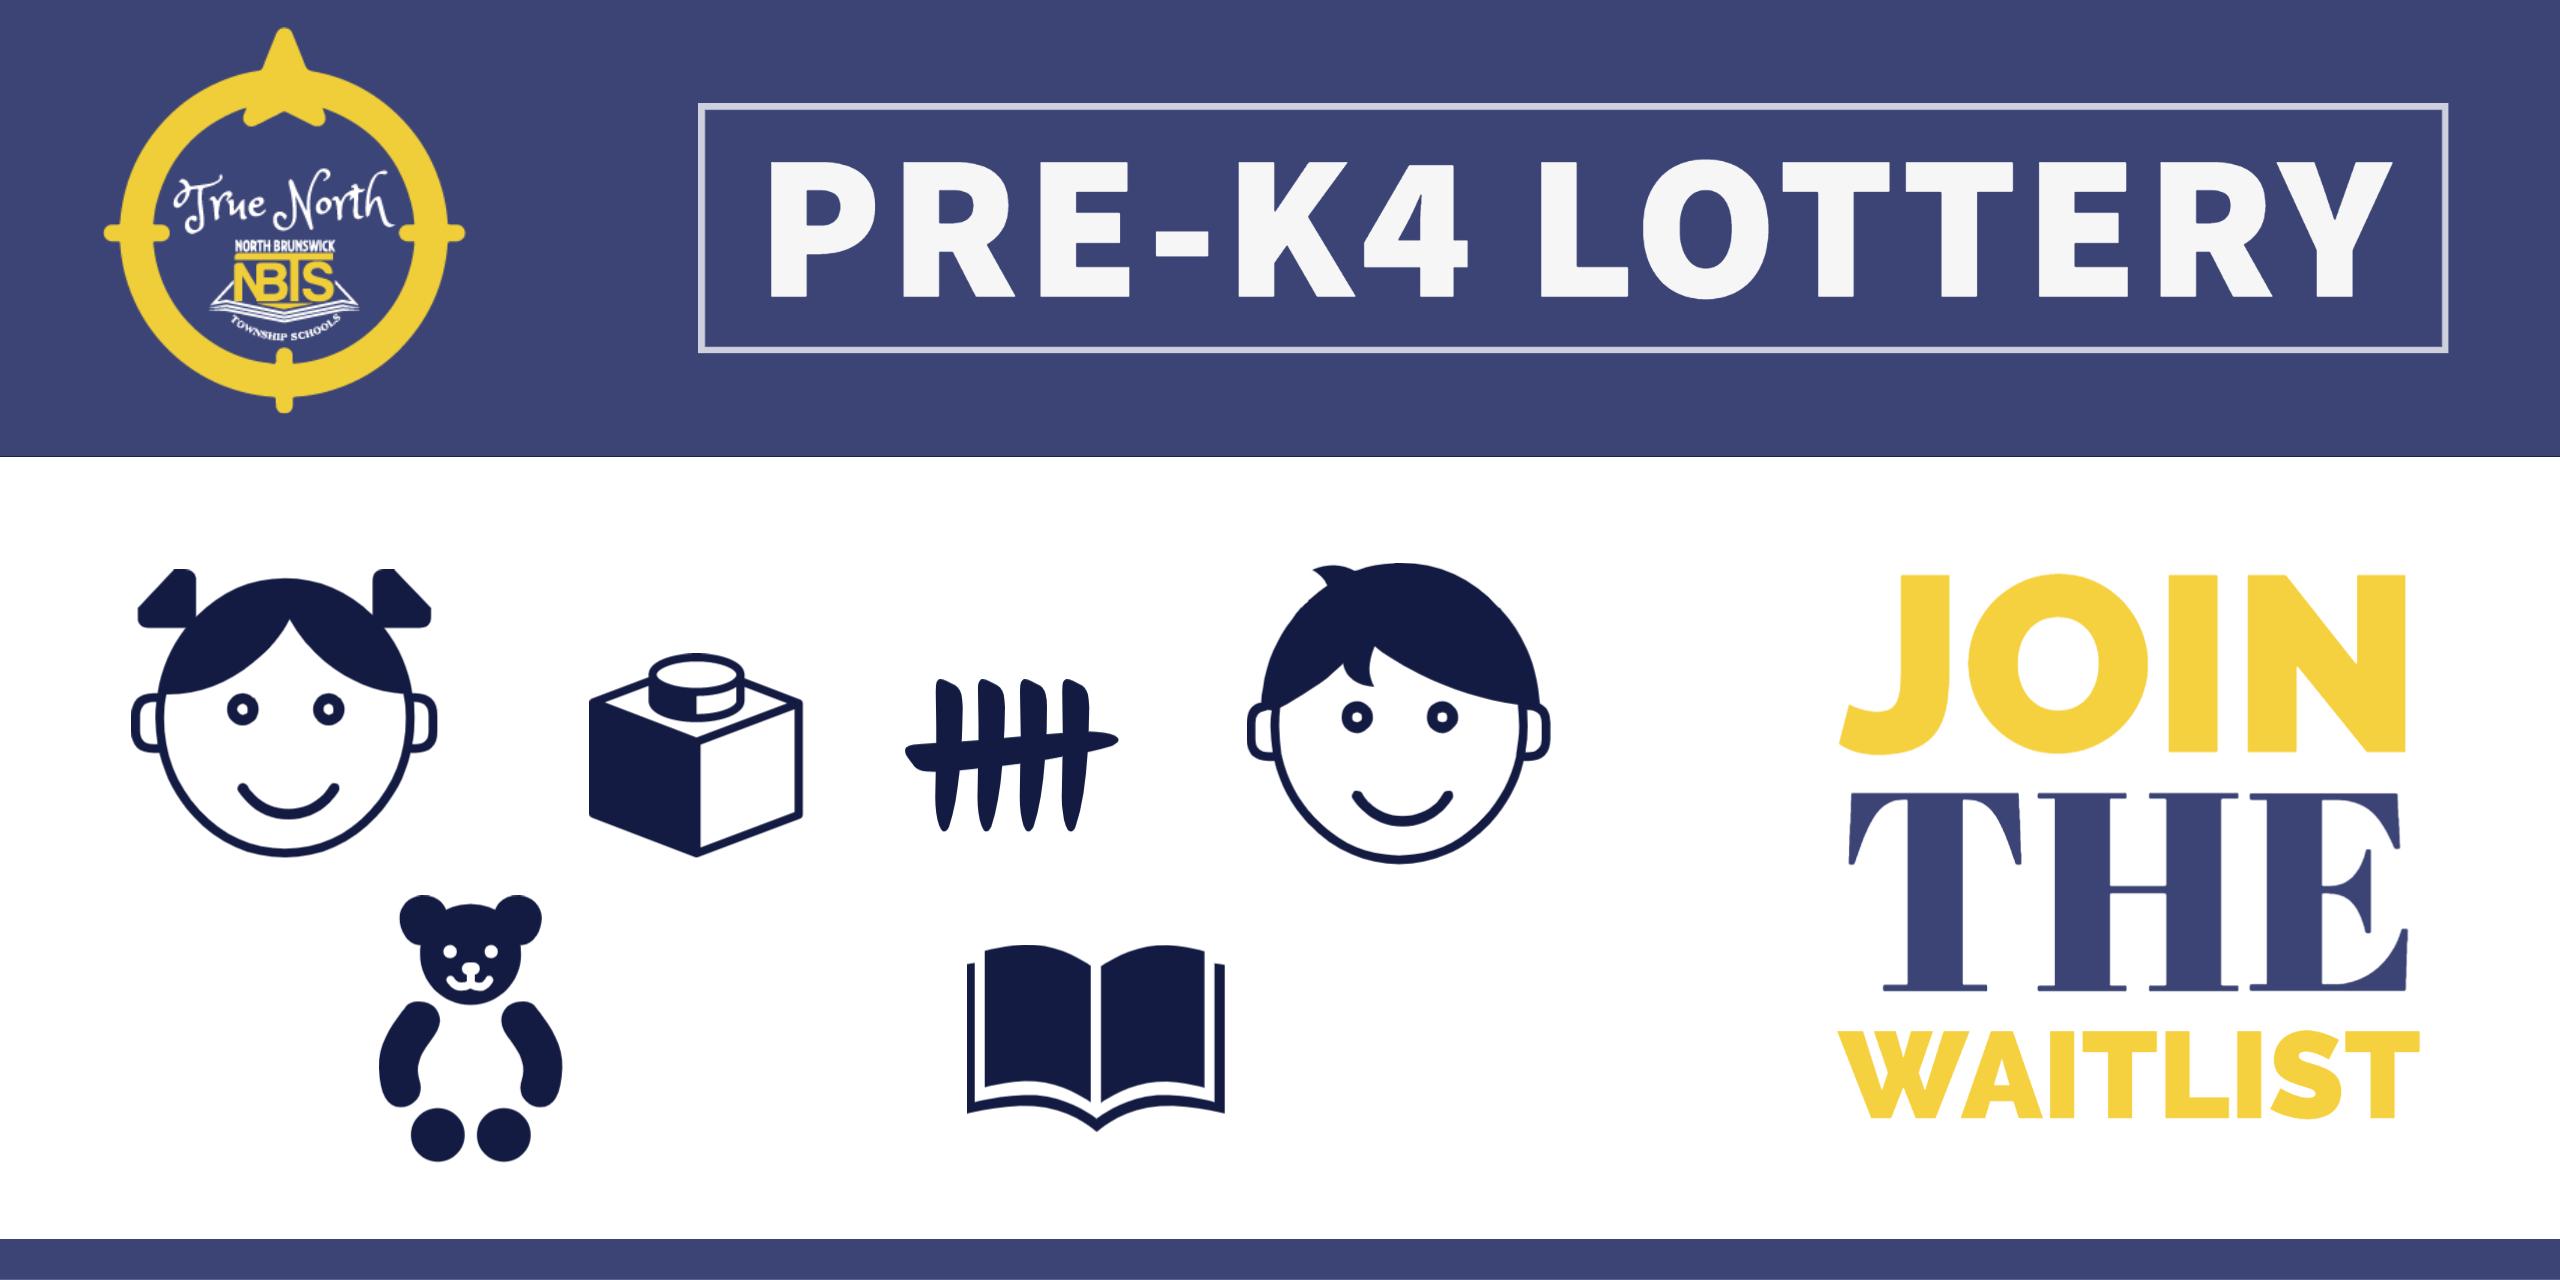 PrekK Lottery